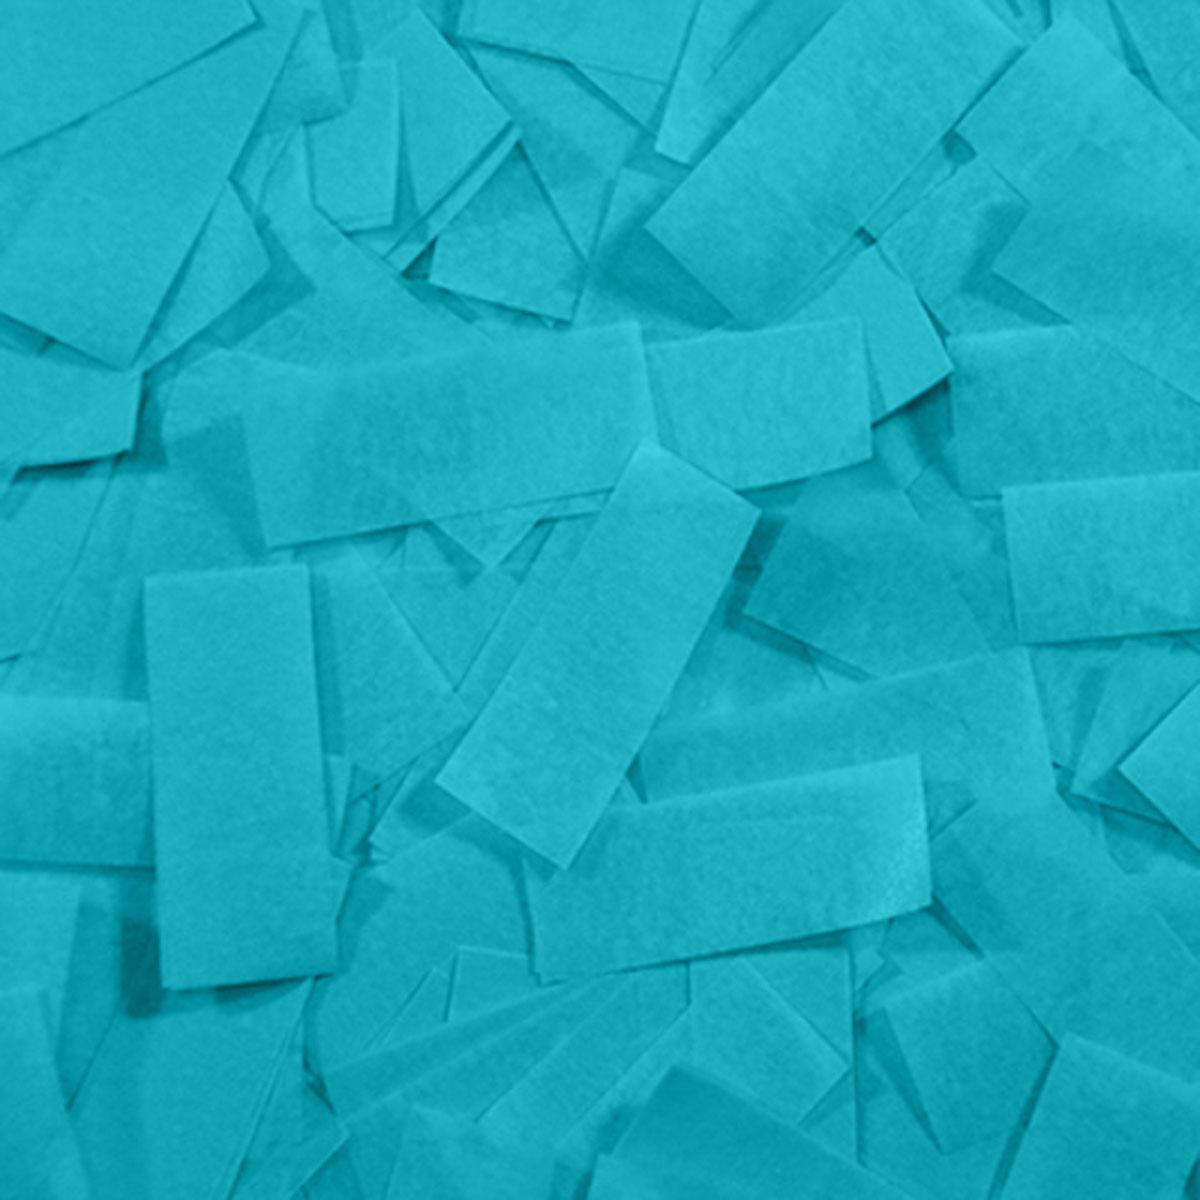 Бумага для шоу папиросная (тишью) Лайт Конфетти голубая